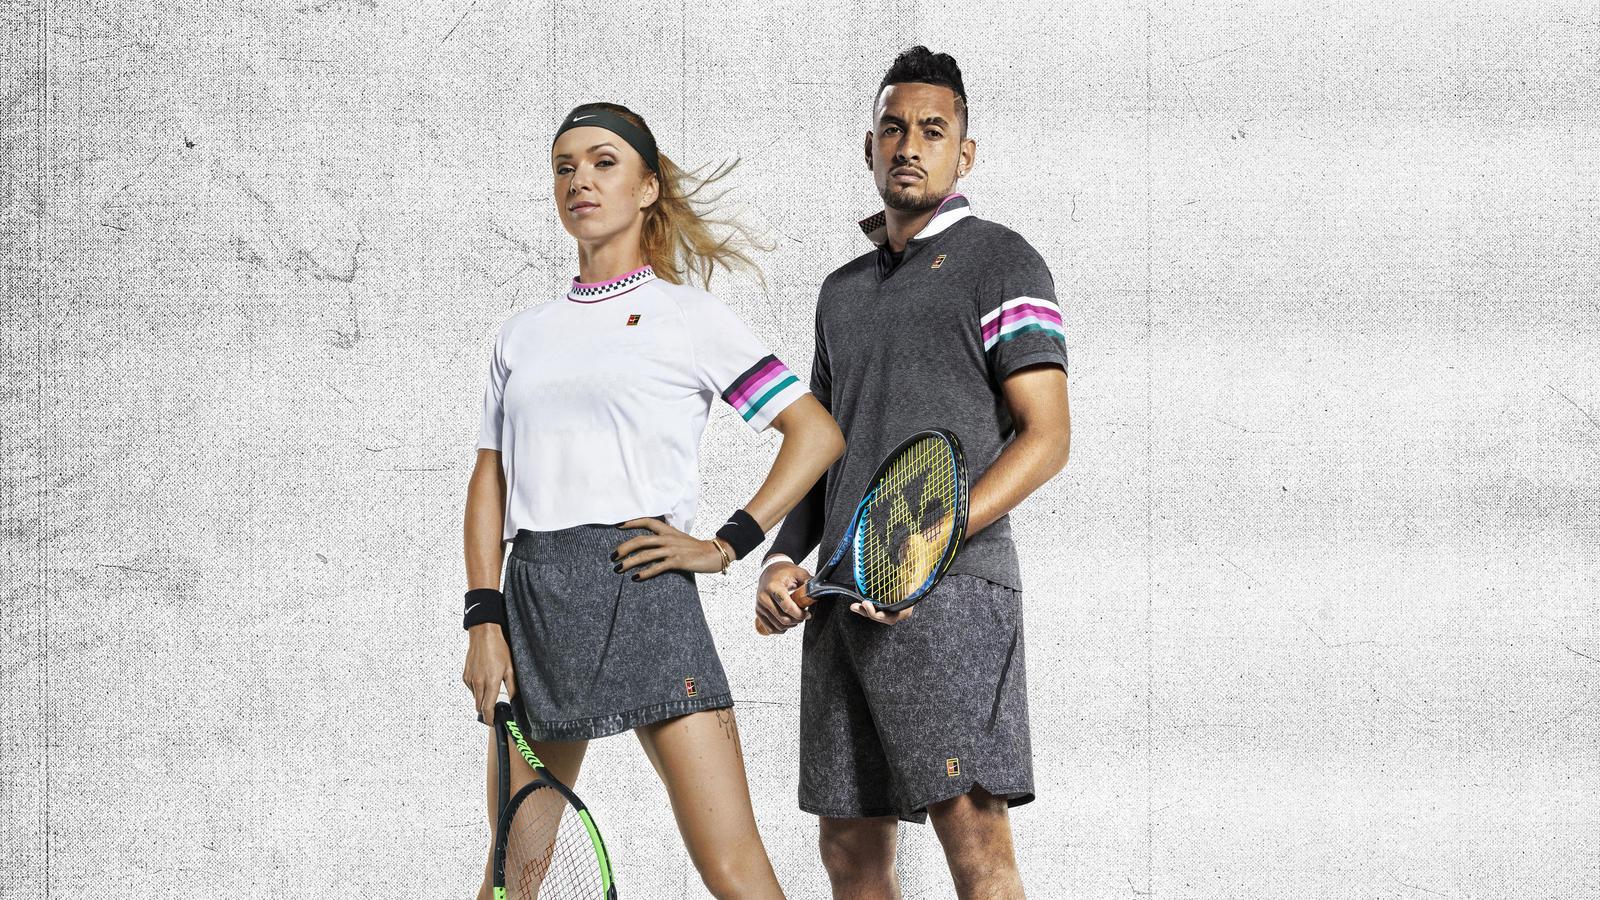 Les 2019 Pour D'australie L'open Nike Tenues Tennis SxdwpqBB